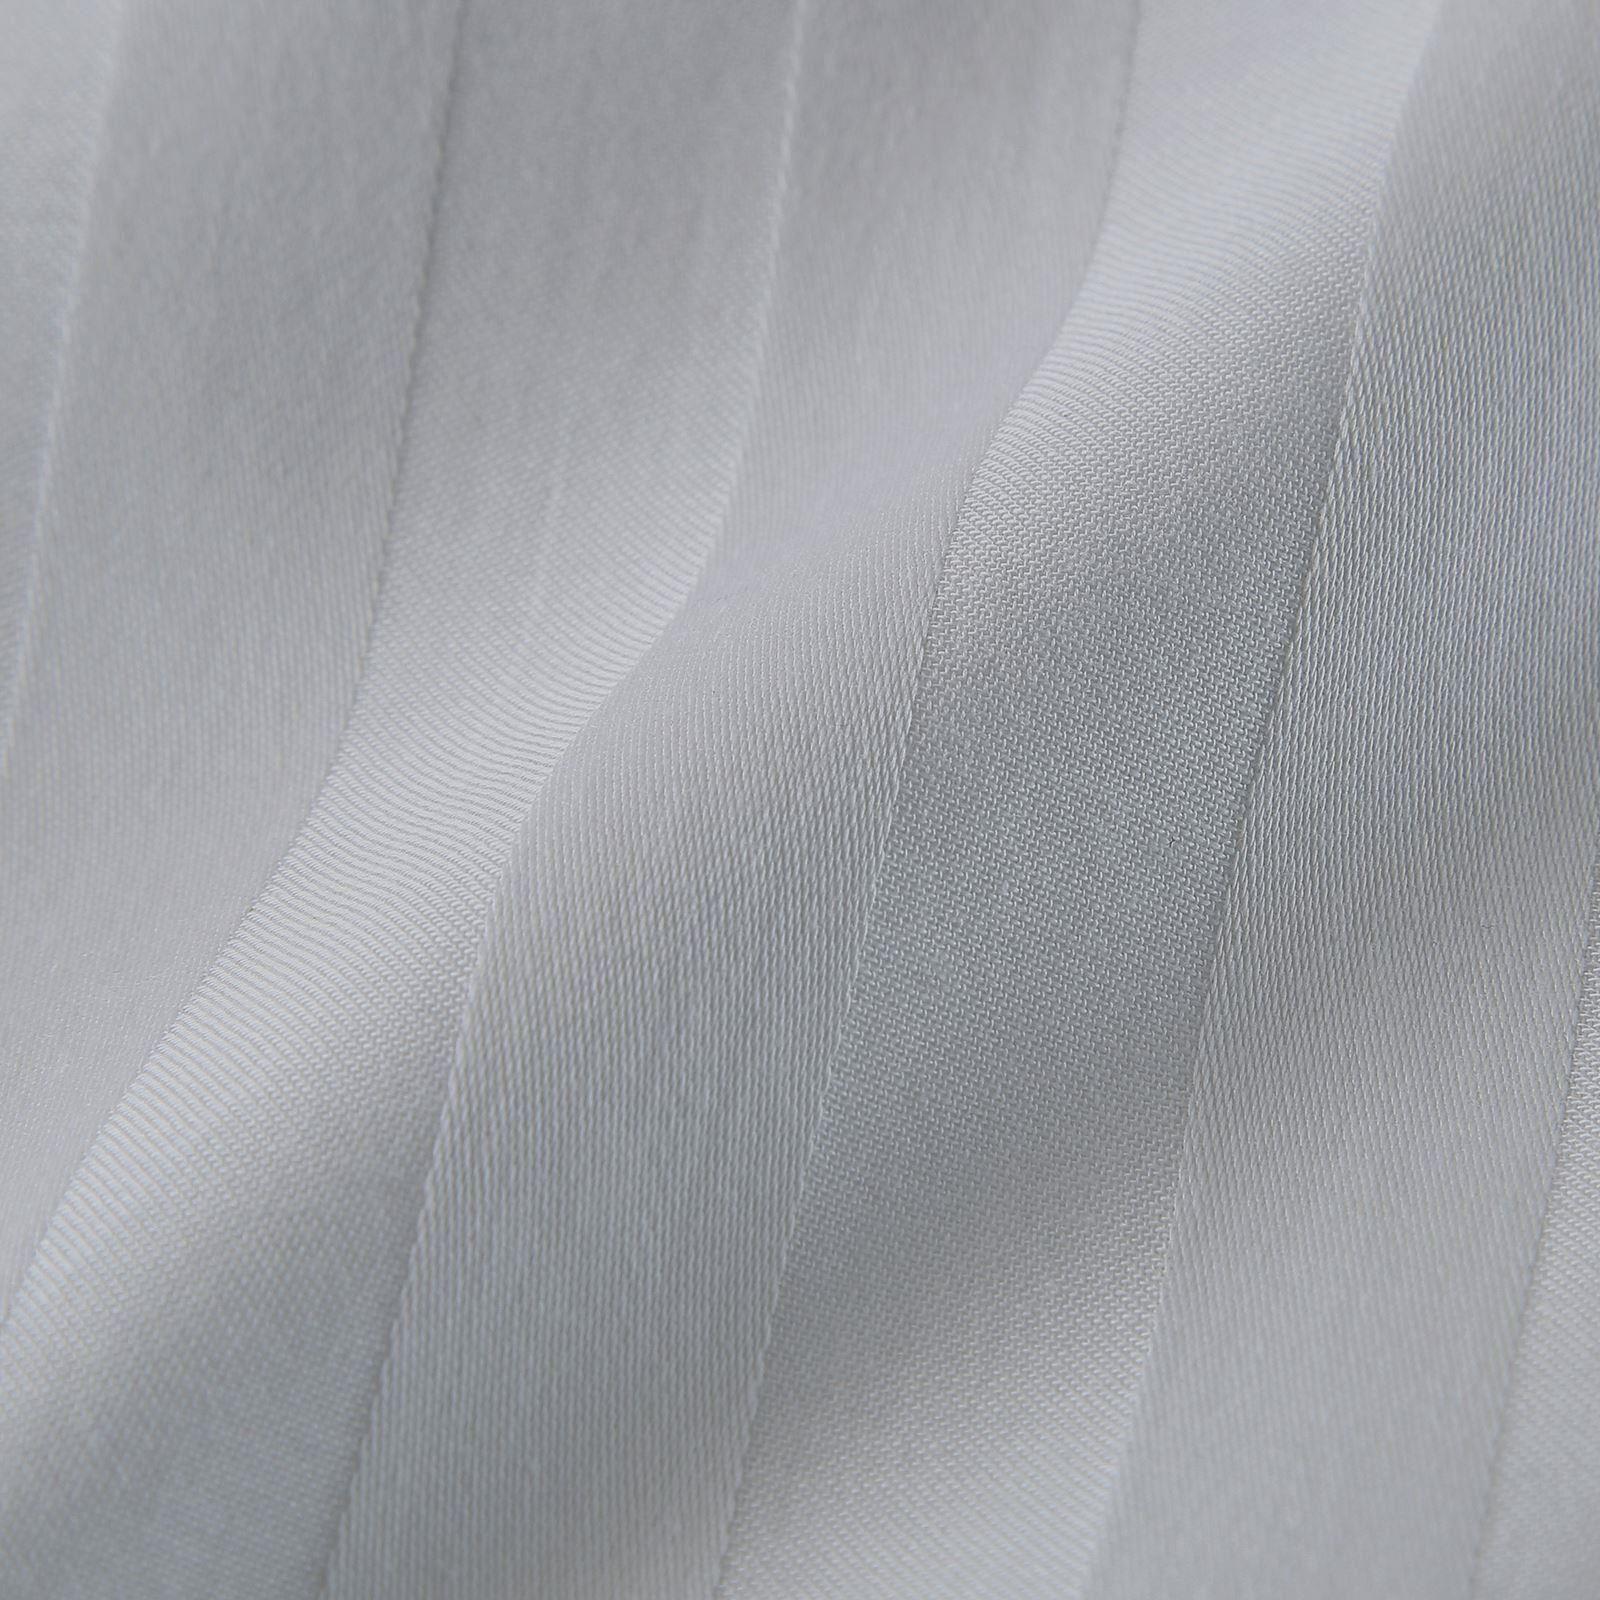 Tacto-suave-100-Algodon-Egipcio-Saten-Raya-Edredon-Edredon-Cubierta-Juego-de-cama-de-saten miniatura 6